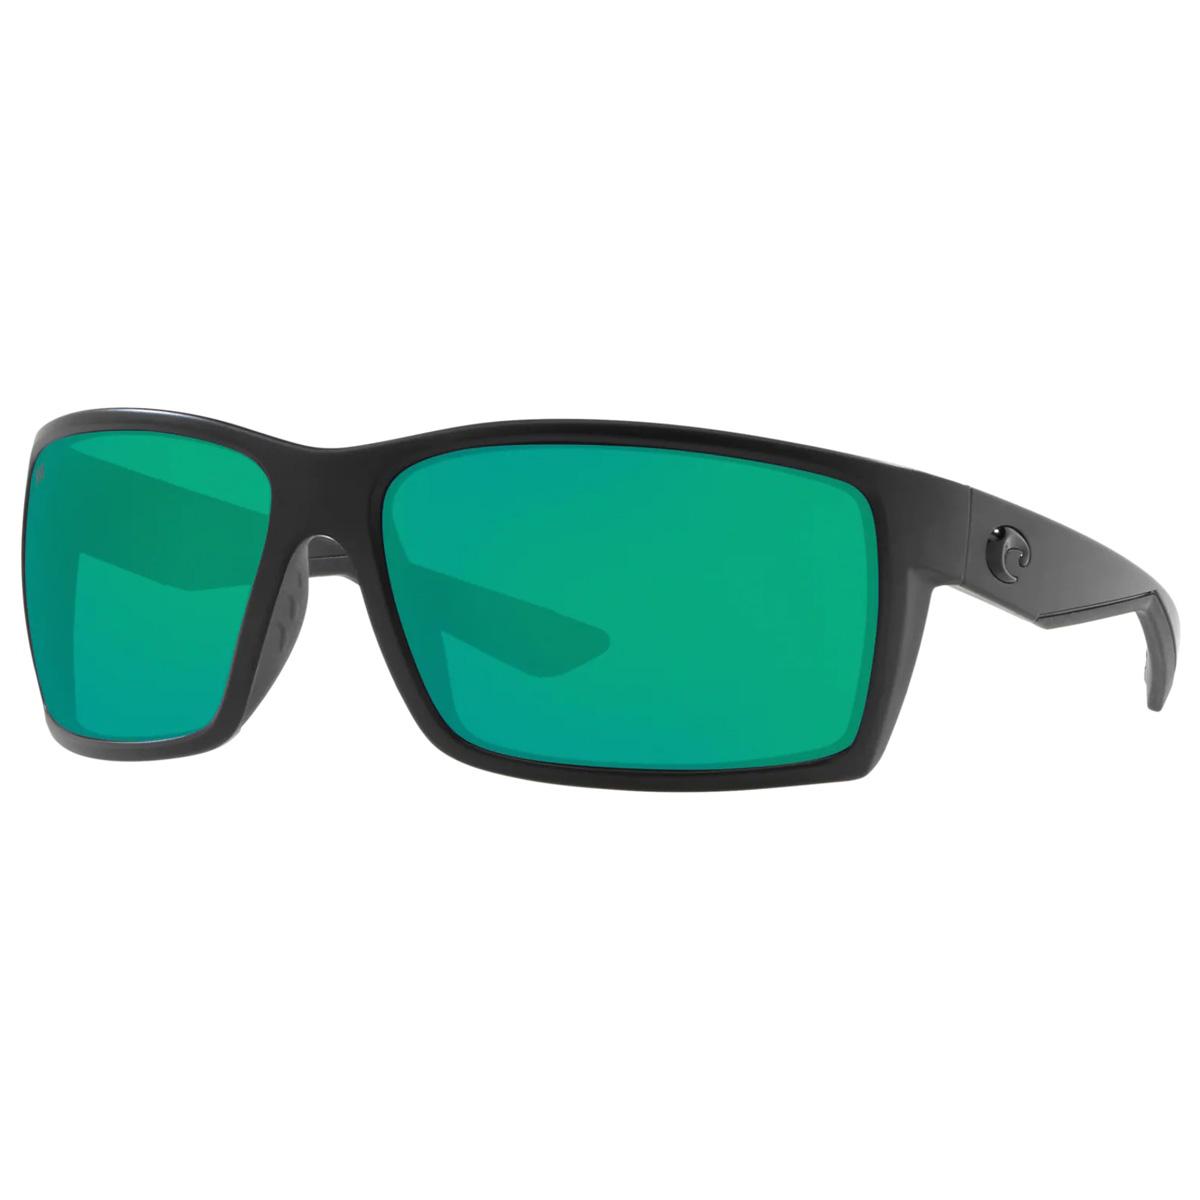 Costa Del Mar Reefton Polarized Sunglasses Green Mirror